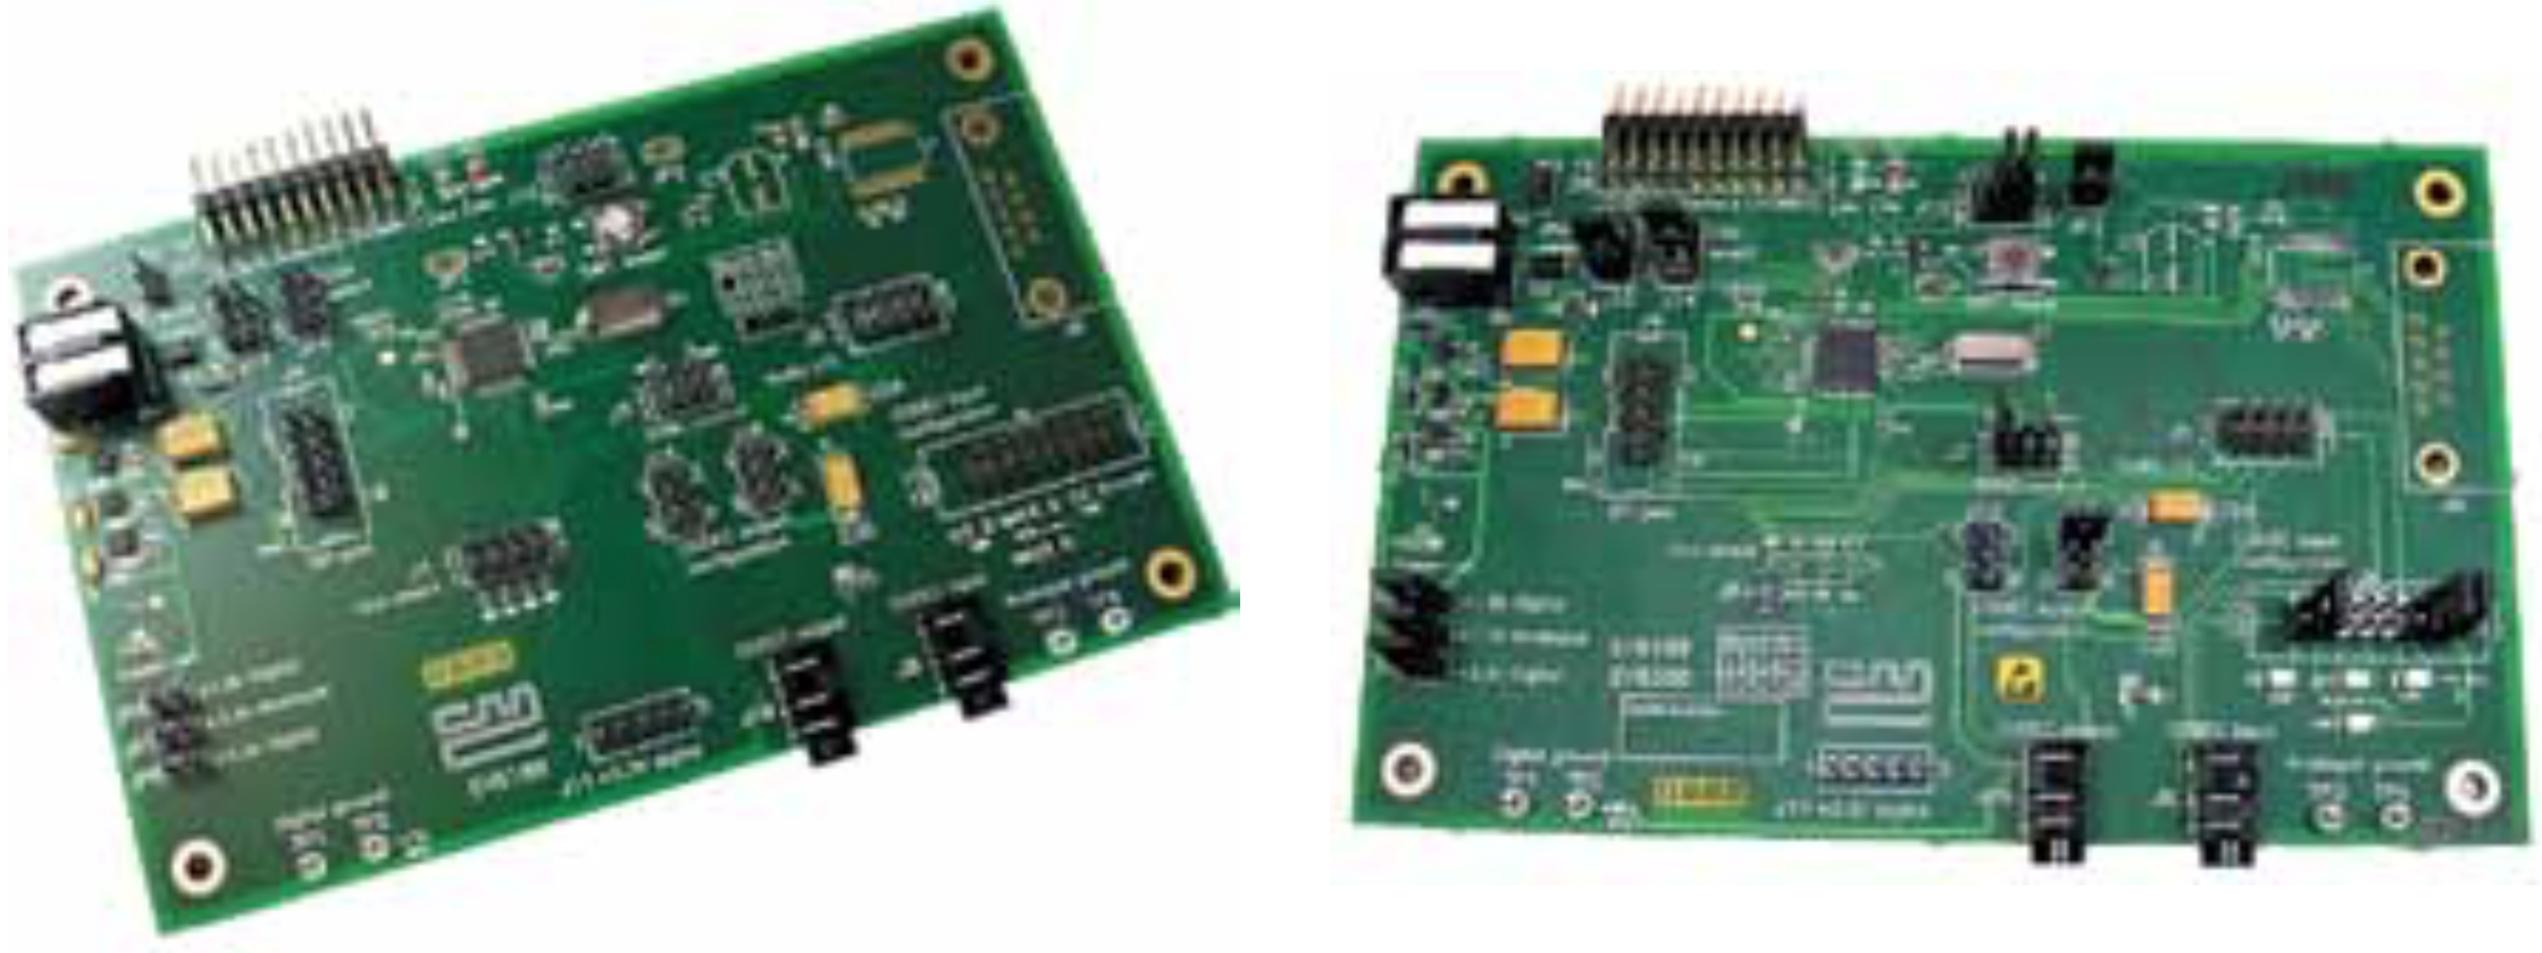 Внешний вид базовой платы оценочных наборов EV6180 и EV6380 Wireless RALCWI Vocoder Evaluation Kit